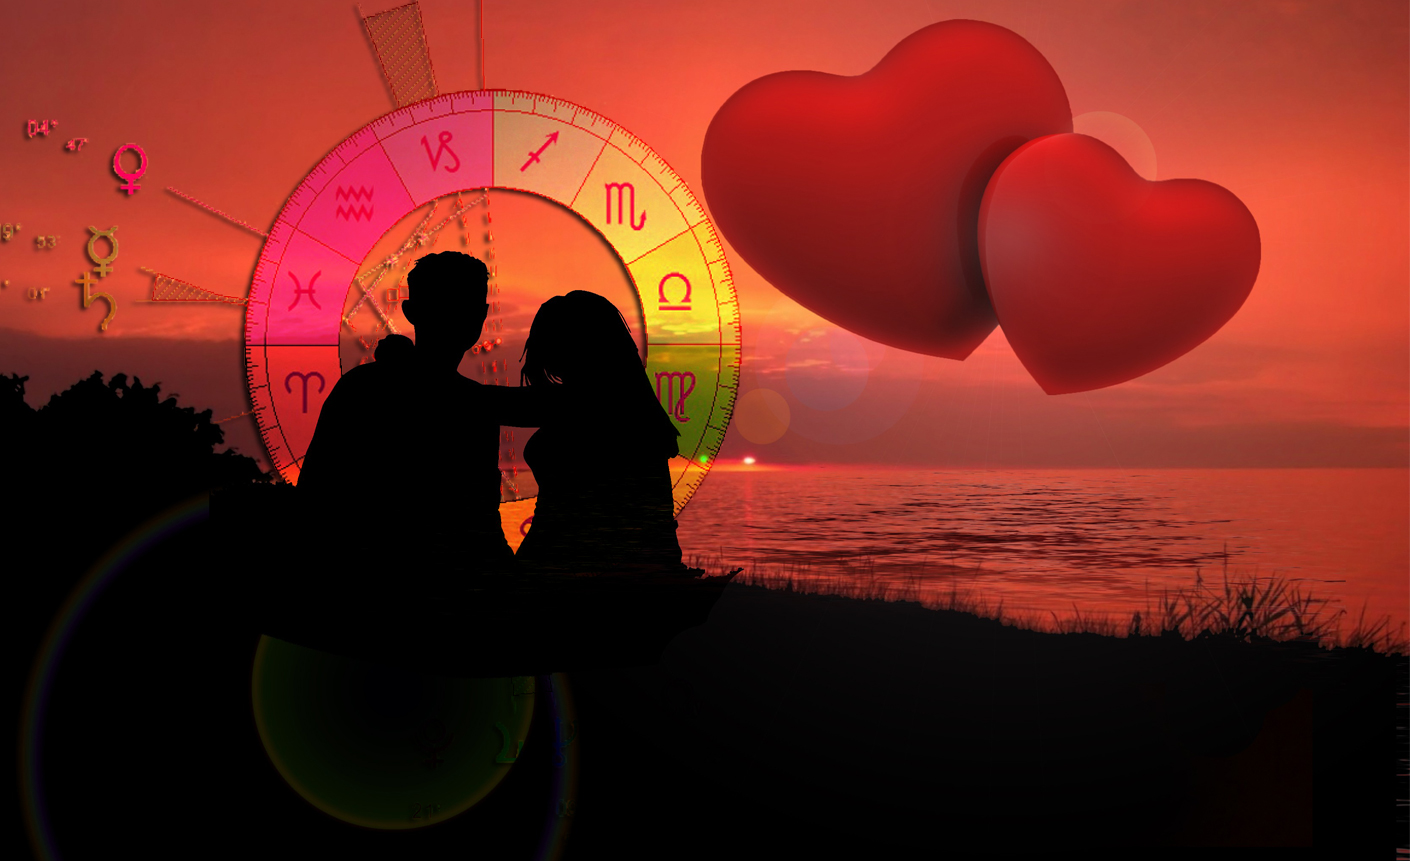 Astrologie : 3 signes du zodiaque qui vont rencontrer le grand amour en 2021